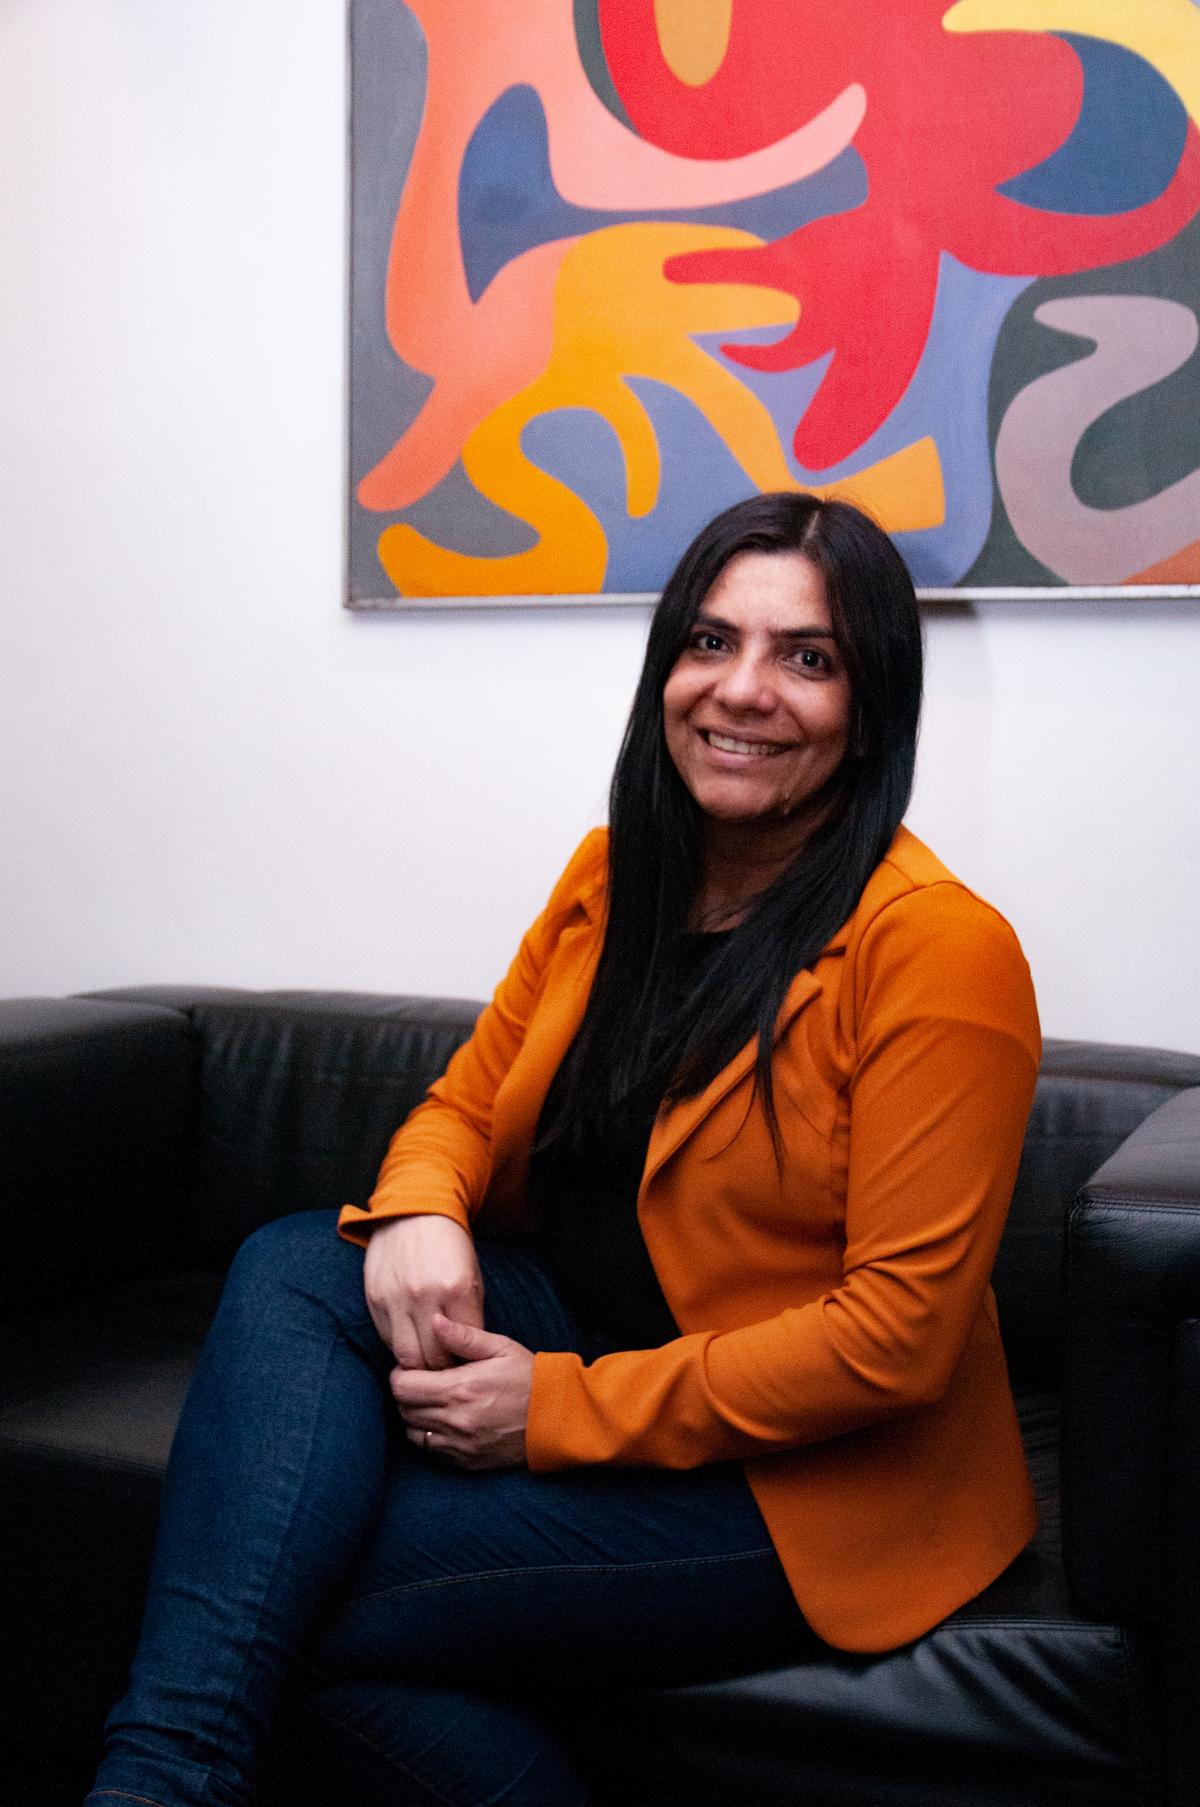 30ª Ana Cristina Não há mulher mais linda que aquela que luta pelos seus ideais e tem convicção do seu valor.